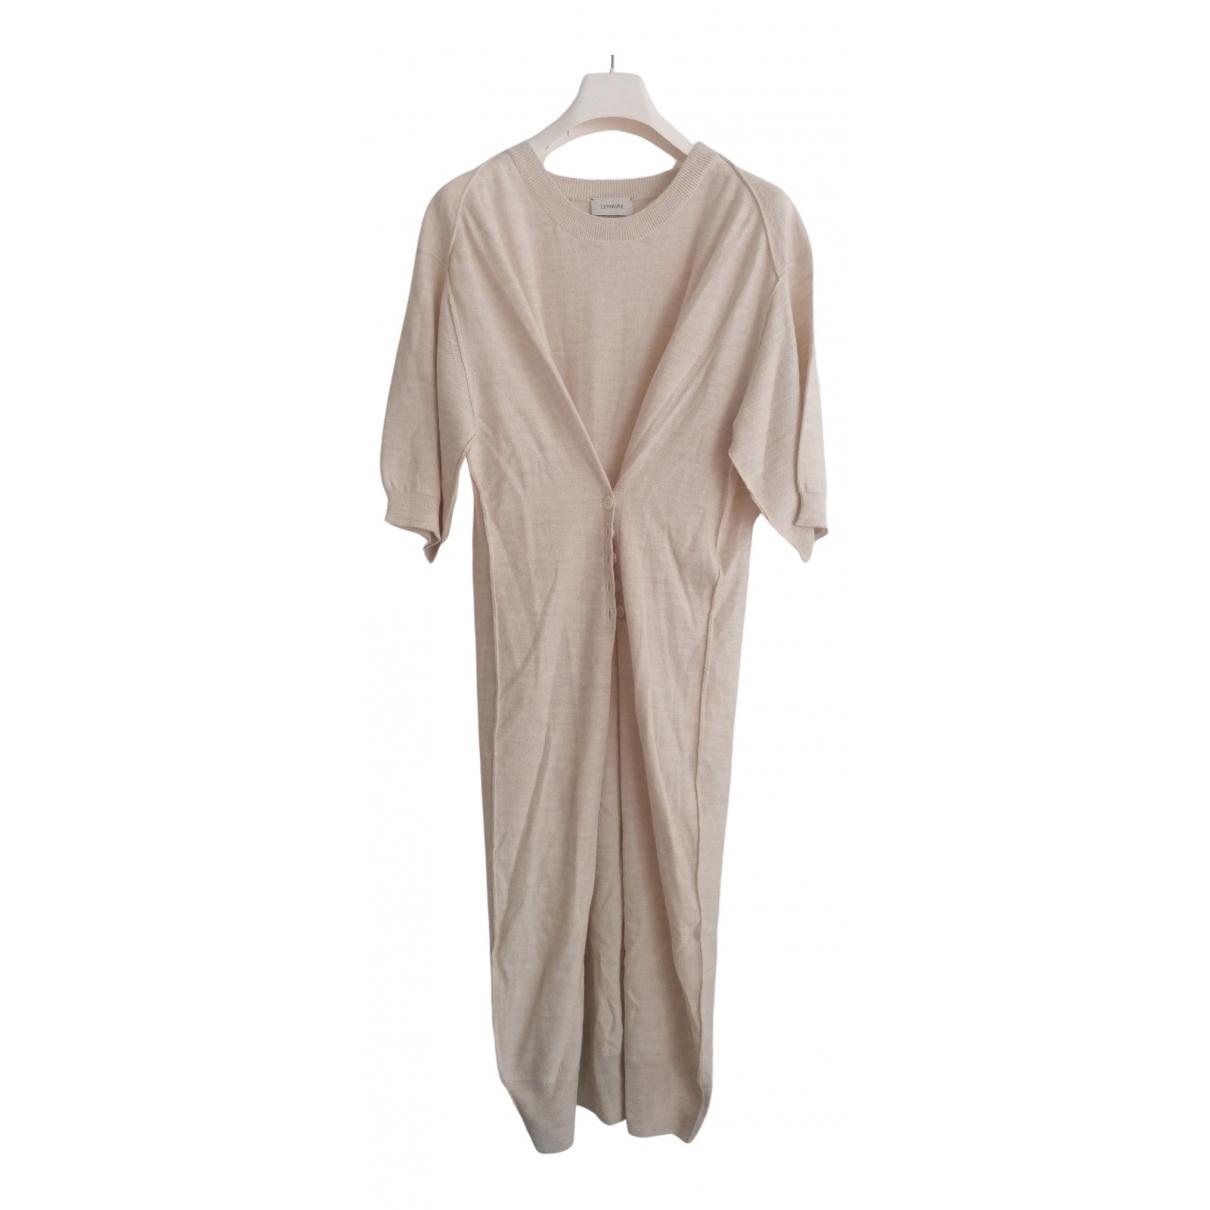 Lemaire \N Kleid in  Beige Wolle